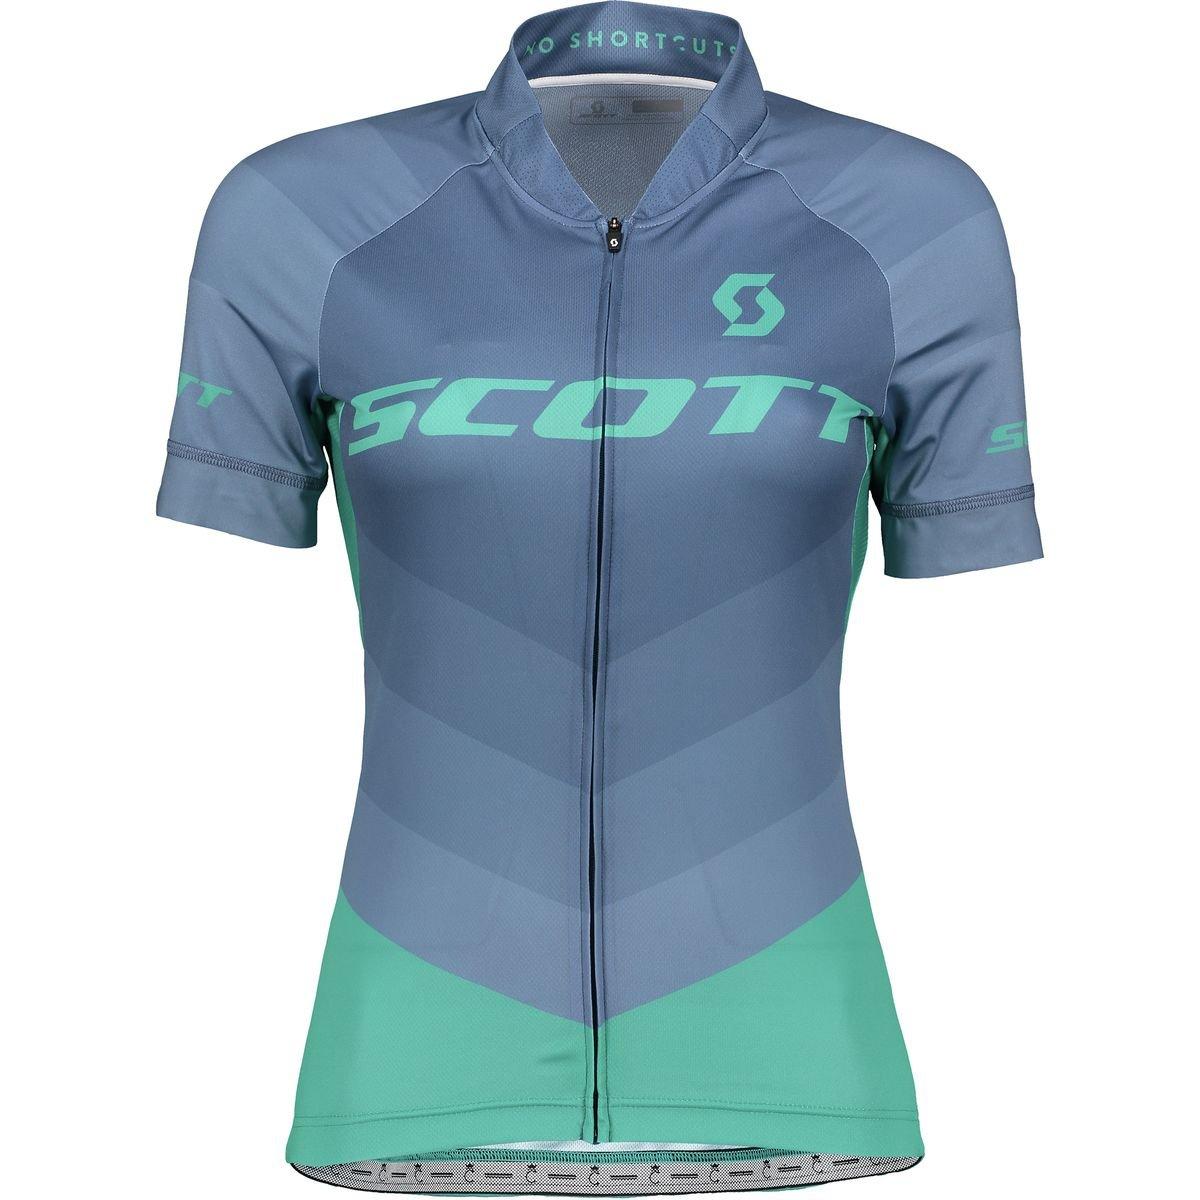 スコットRC Pro Jersey – Women 's Small Ensign Blue/Baltic Turquoise B07C3VZZNB